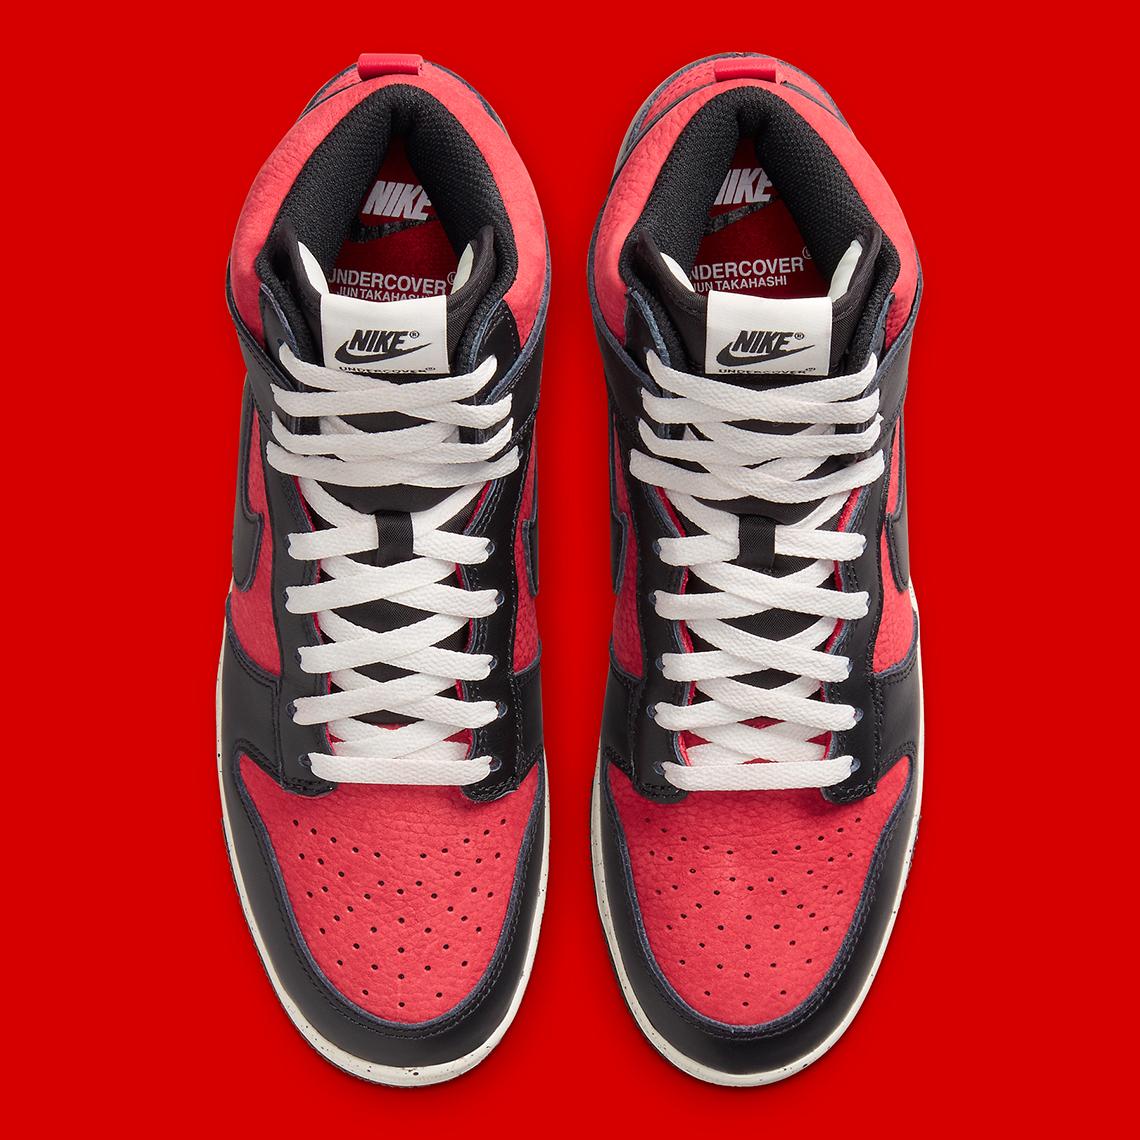 UNDERCOVER x Nike Dunk High 1985 ''UBA'' ''Gym Red'' - DD9401-600